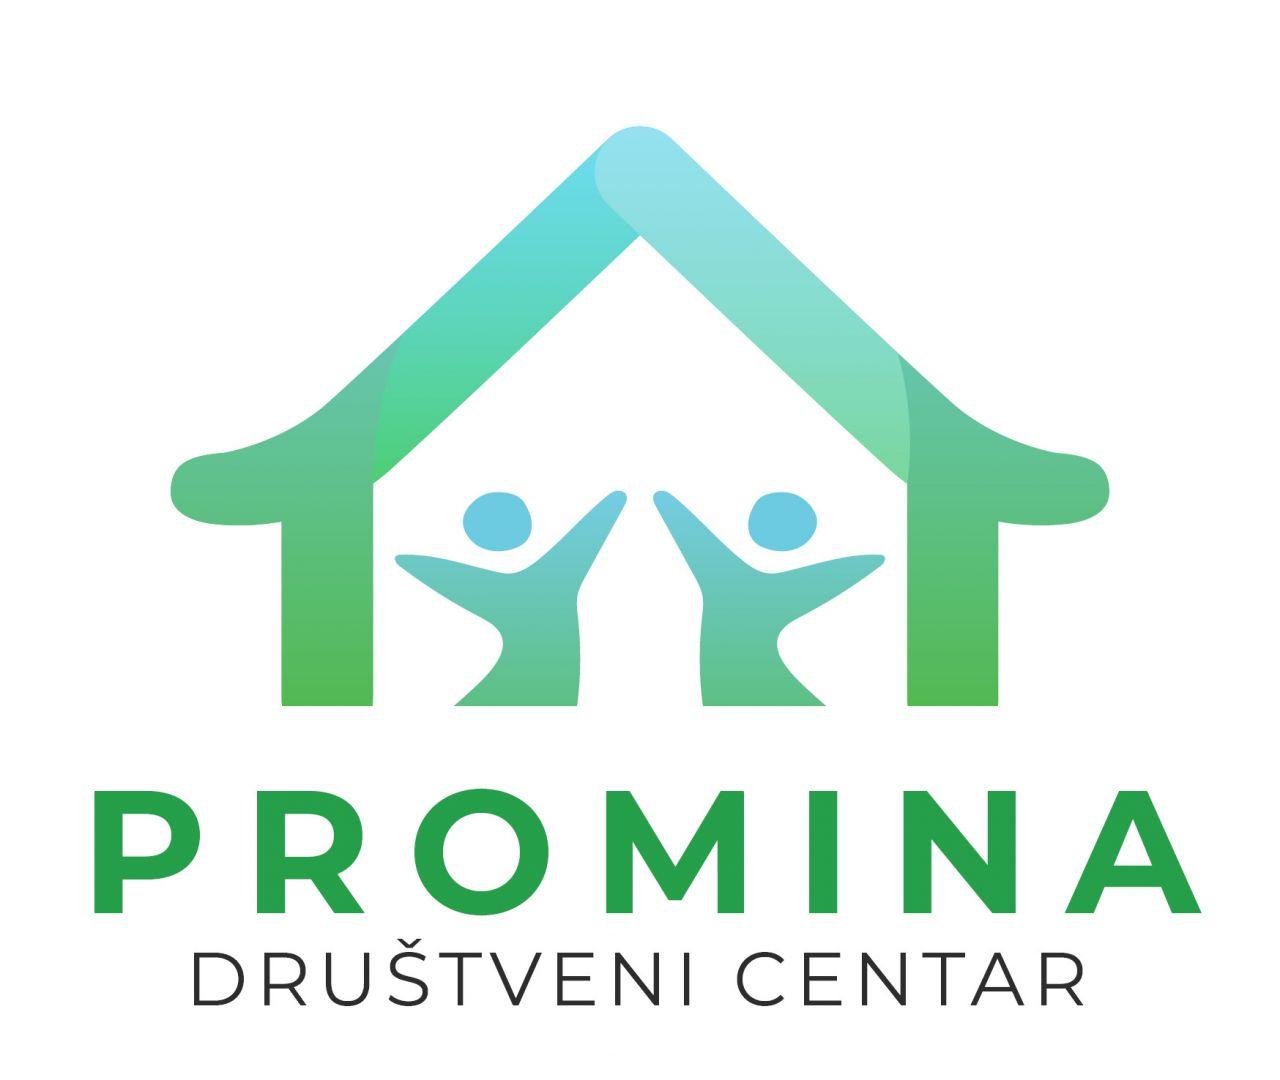 Društveni centar Promina - Anketa za potrebe izrade strategije